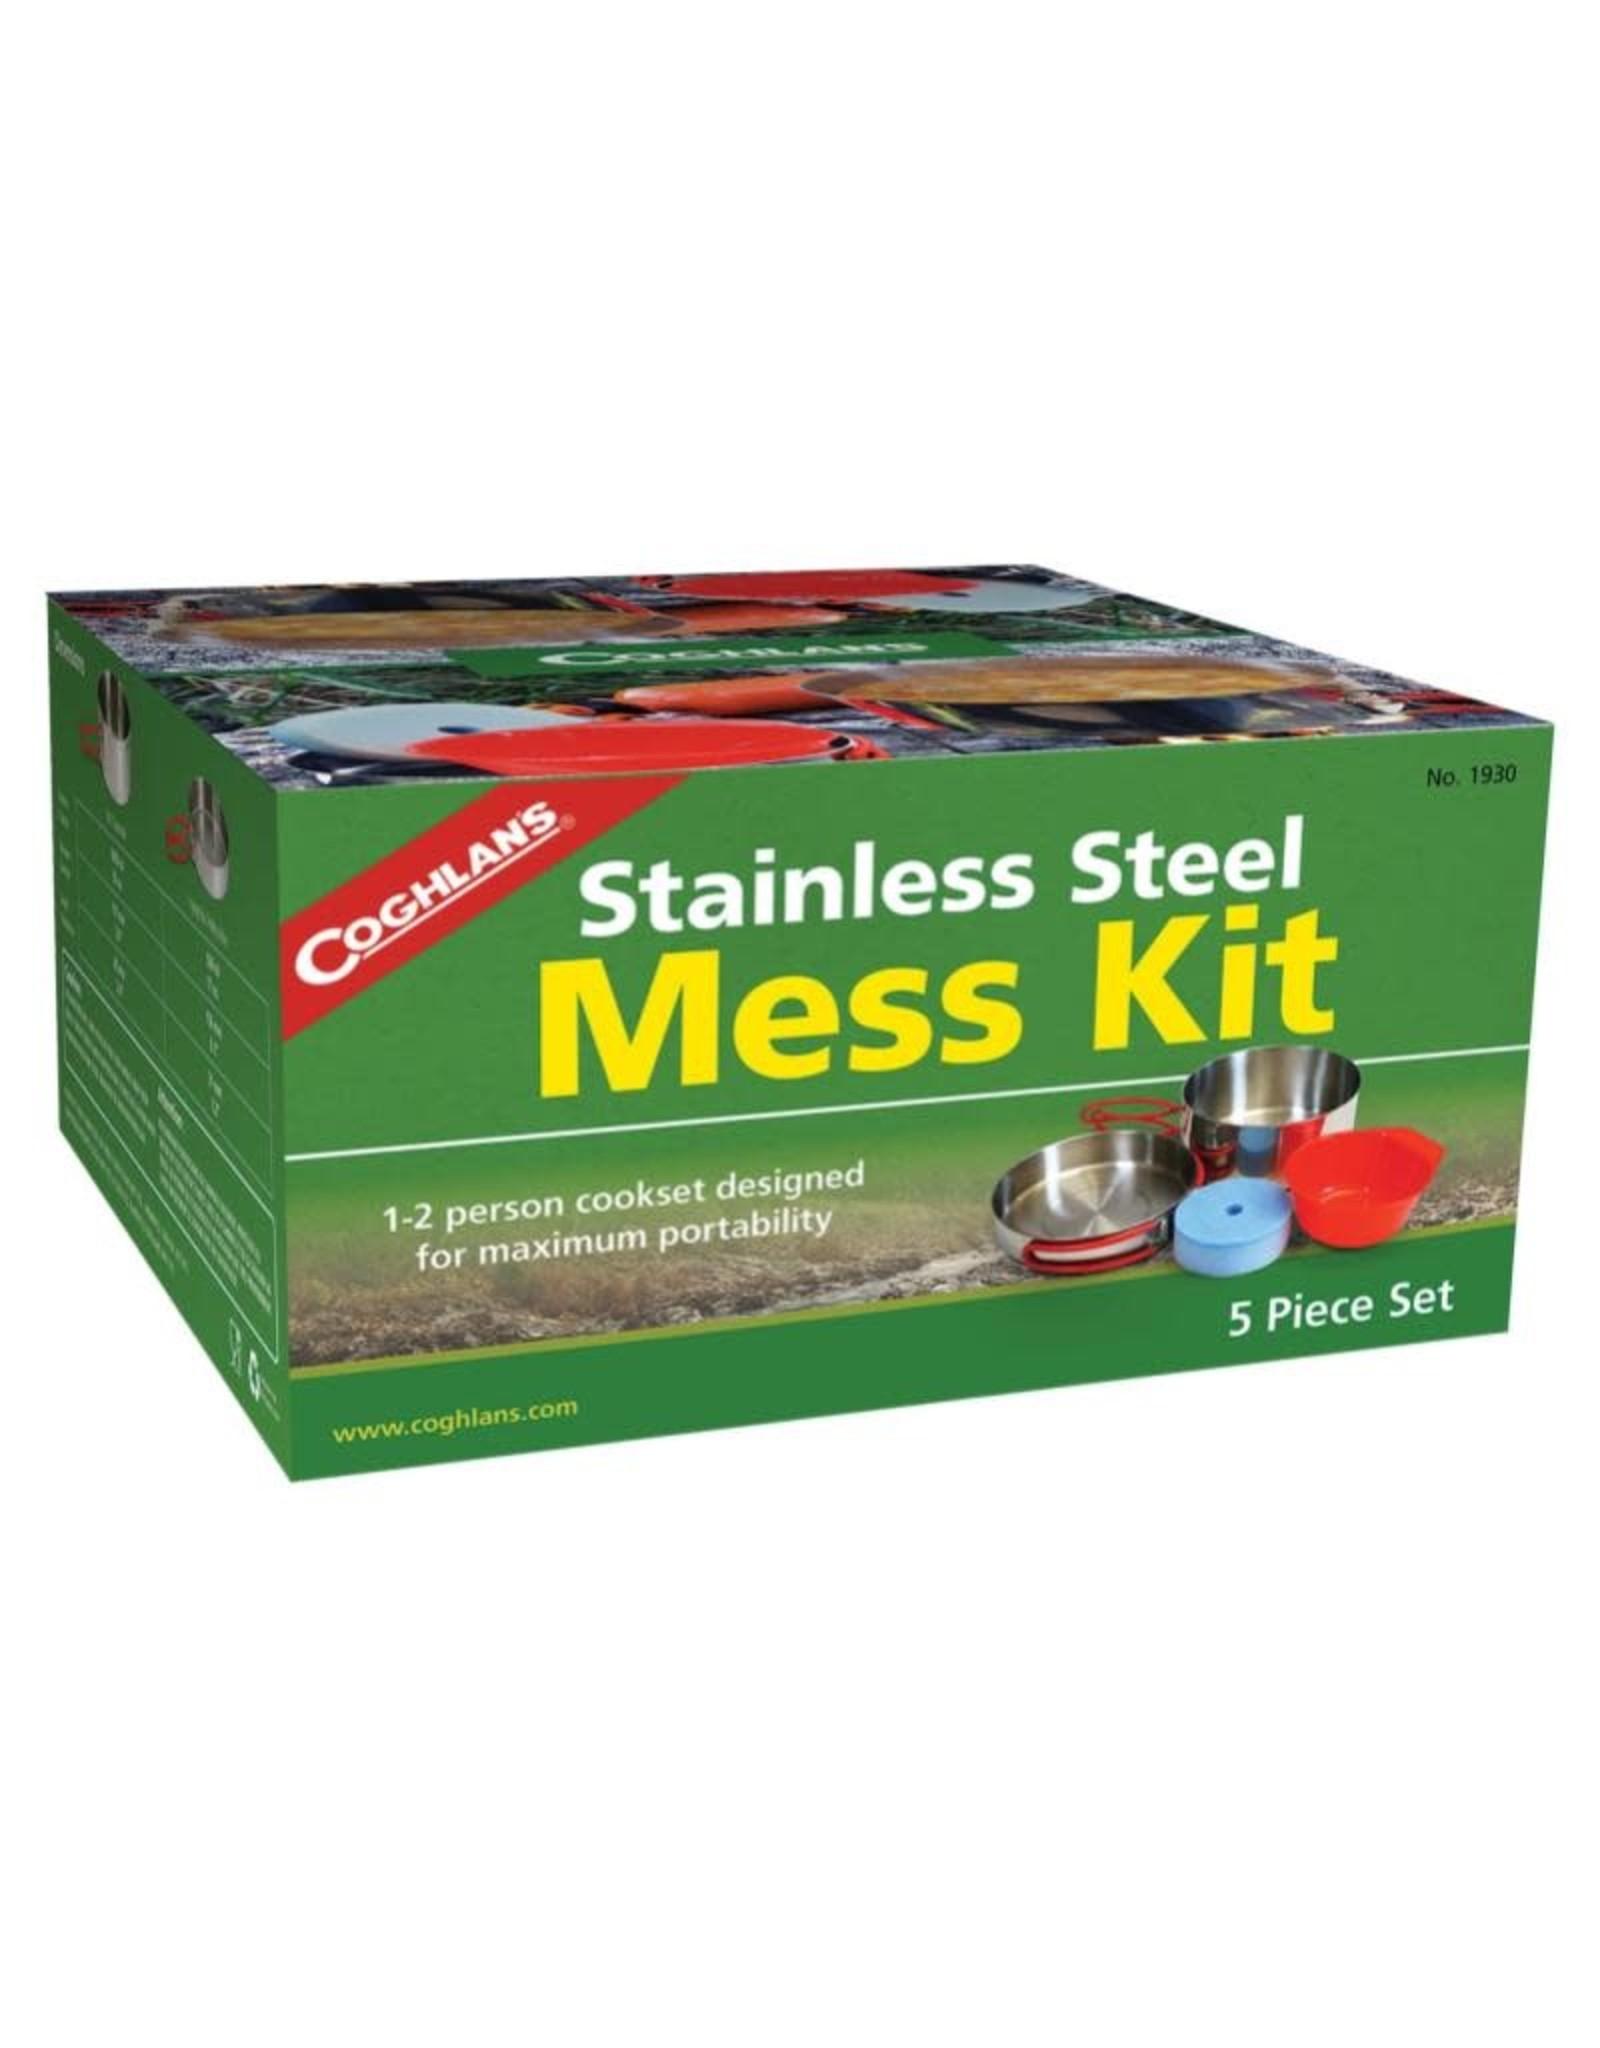 Coghlan's Single Person Mess Kit